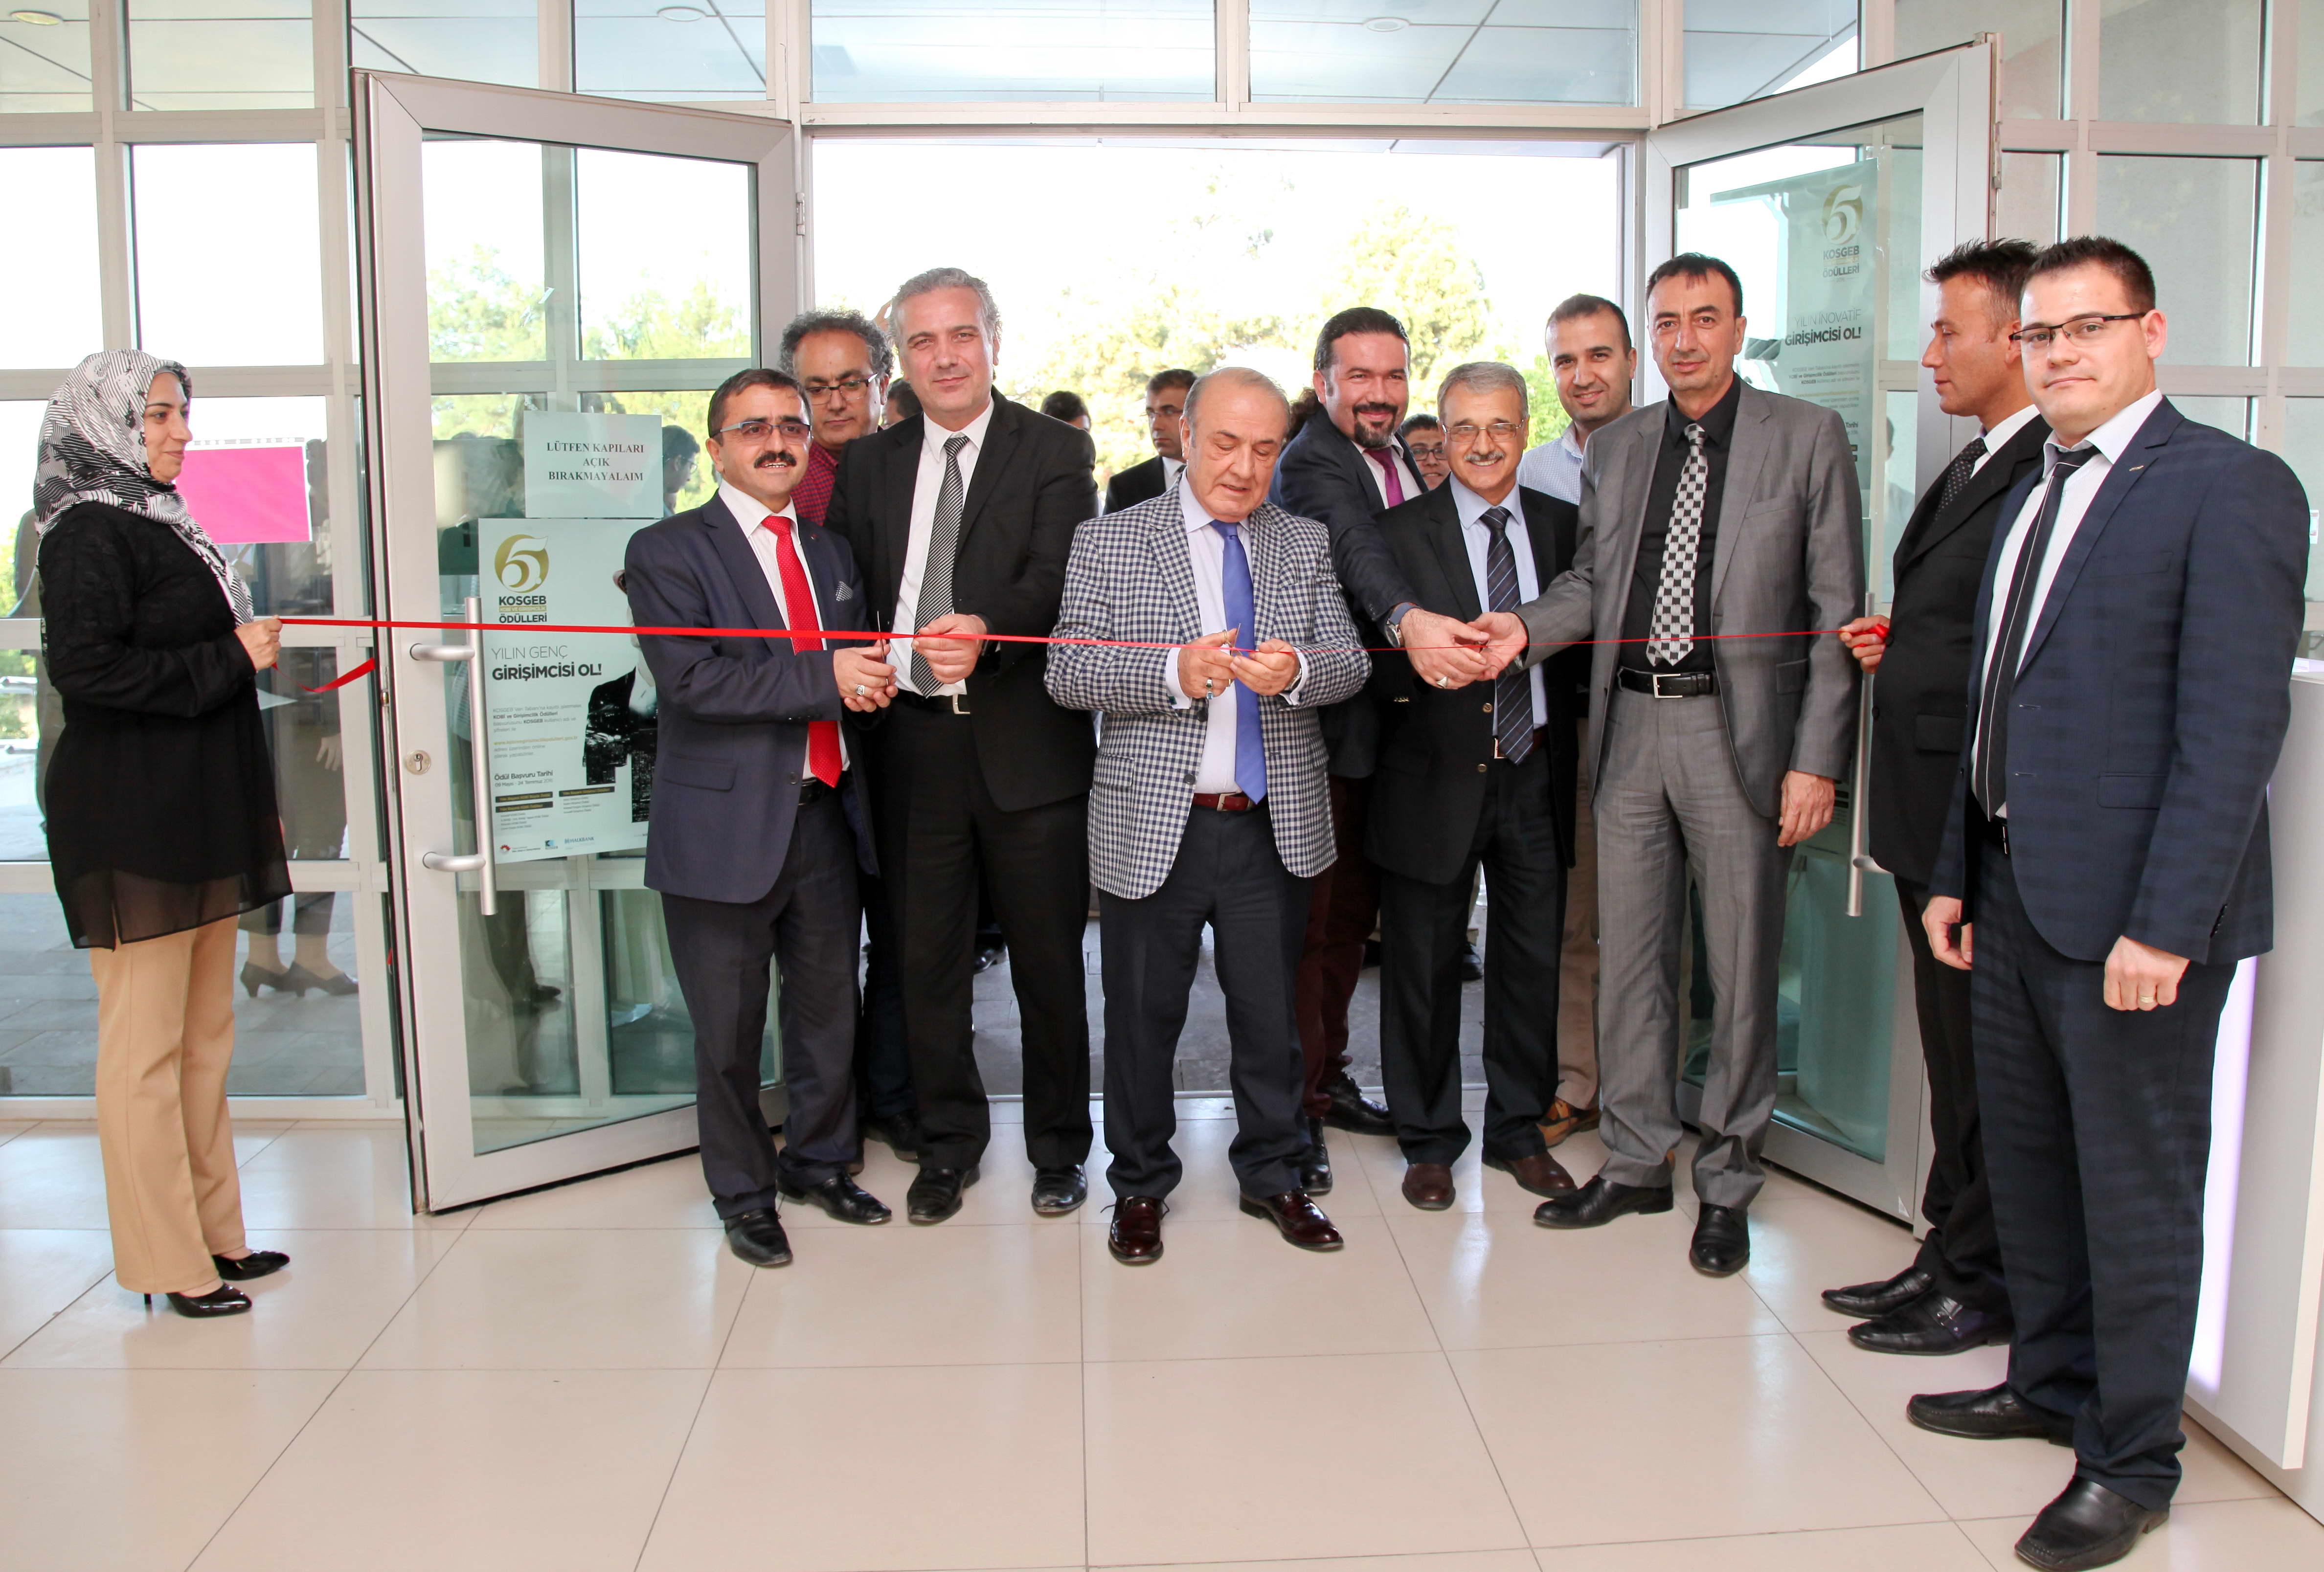 Gaziantep TEKNOPARK yeni yaptırılan binalarını hizmete açtı (1)